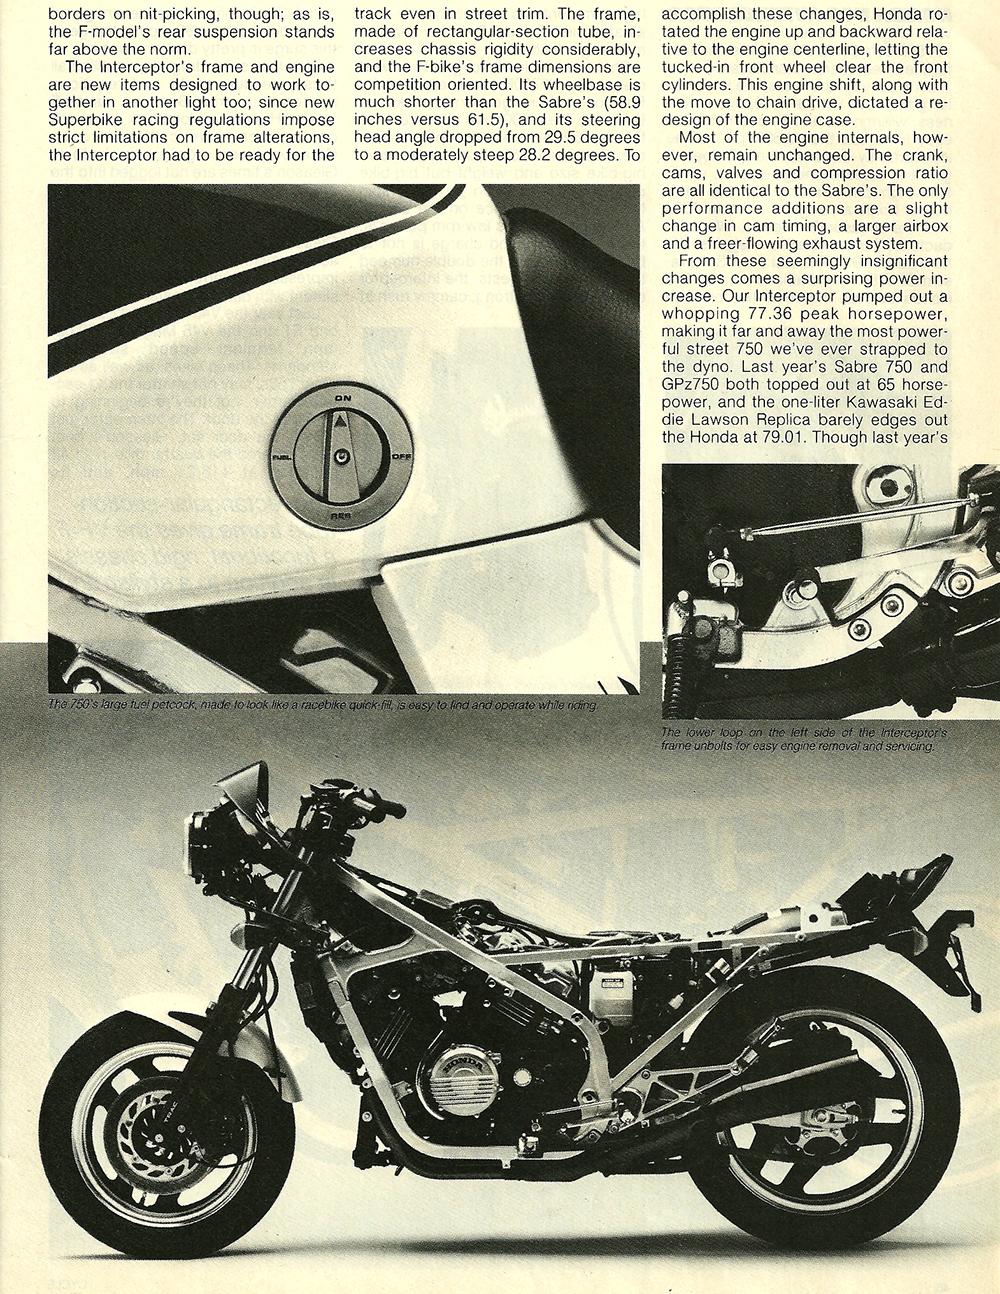 1983 Honda V45 Interceptor road test 06.jpg